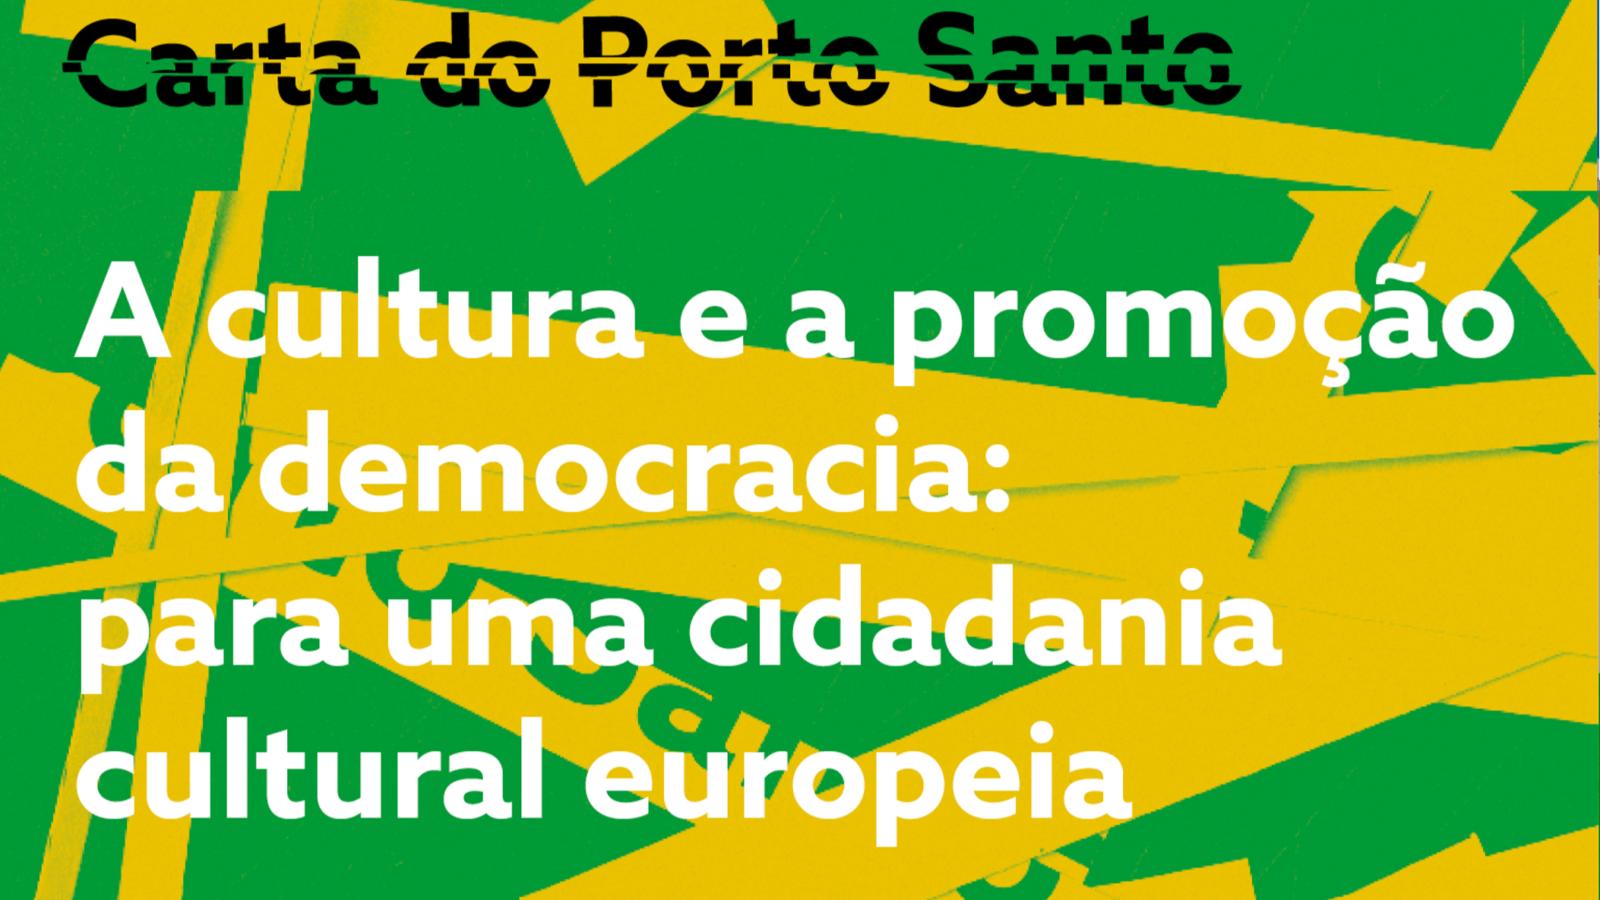 Cartaz alusivo à Carta do Porto Santo